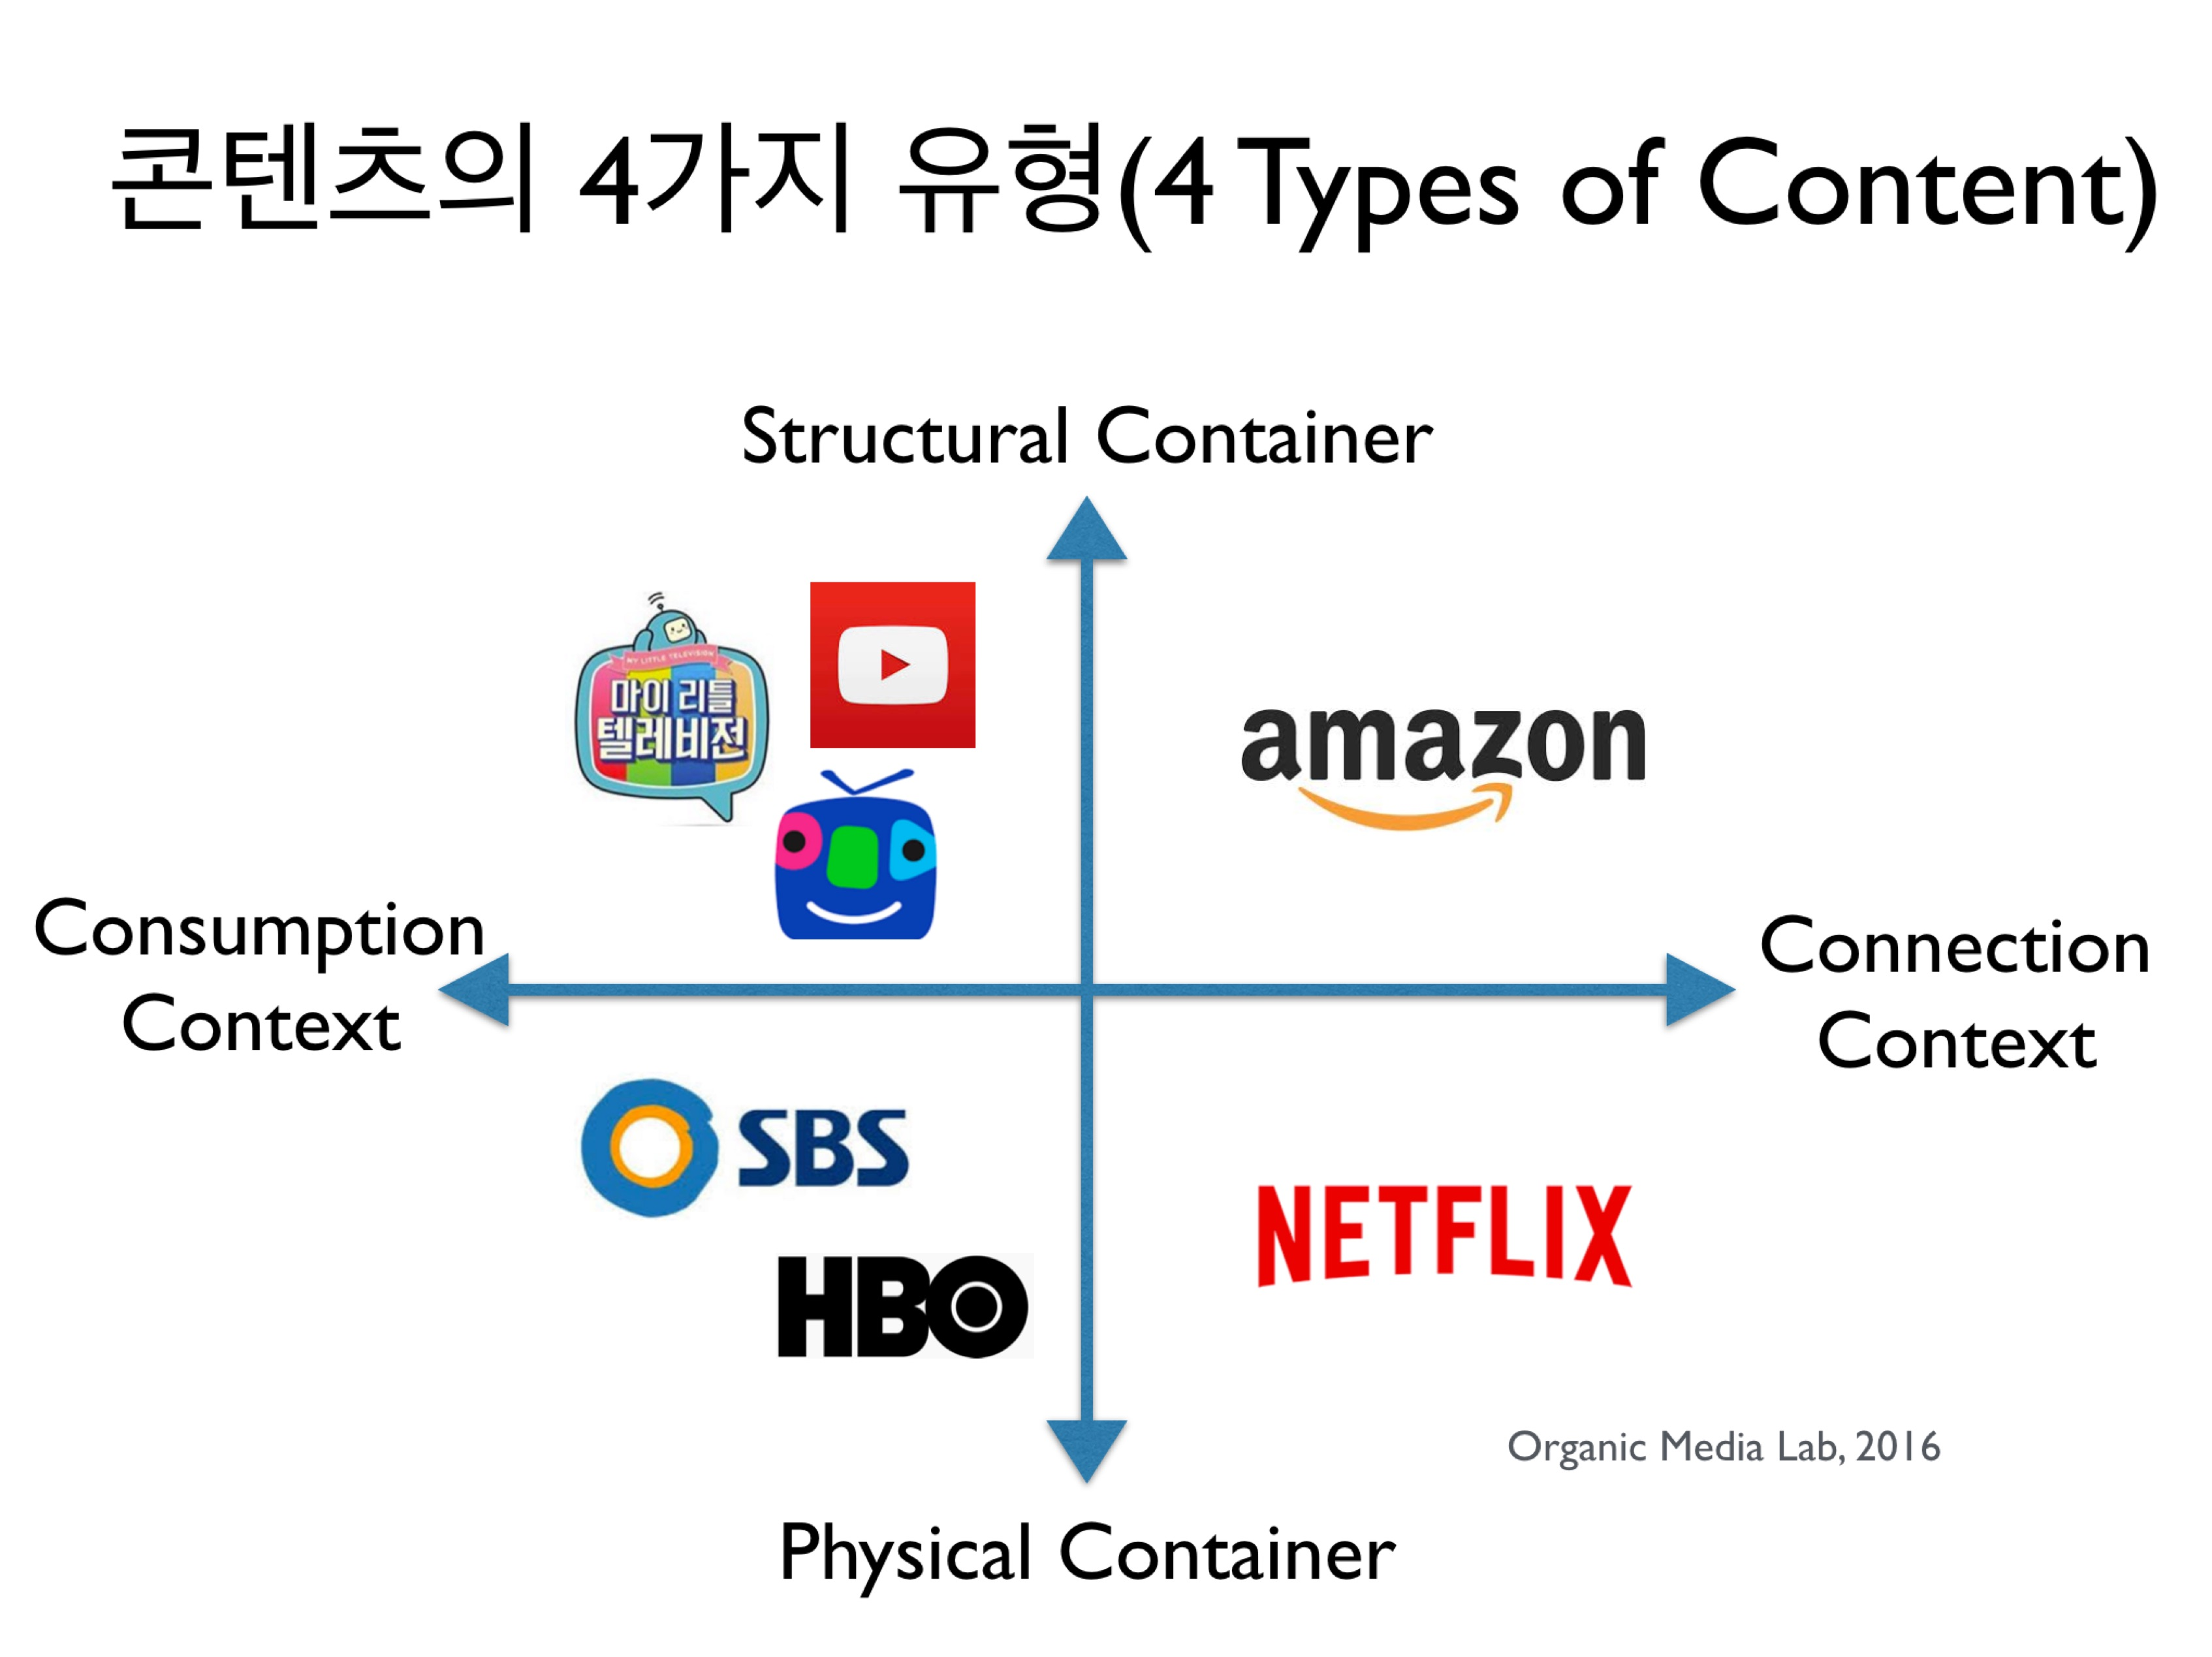 연결을 만드는 콘텐츠의 본질, 그리고 4가지 유형 (4 Types of ...